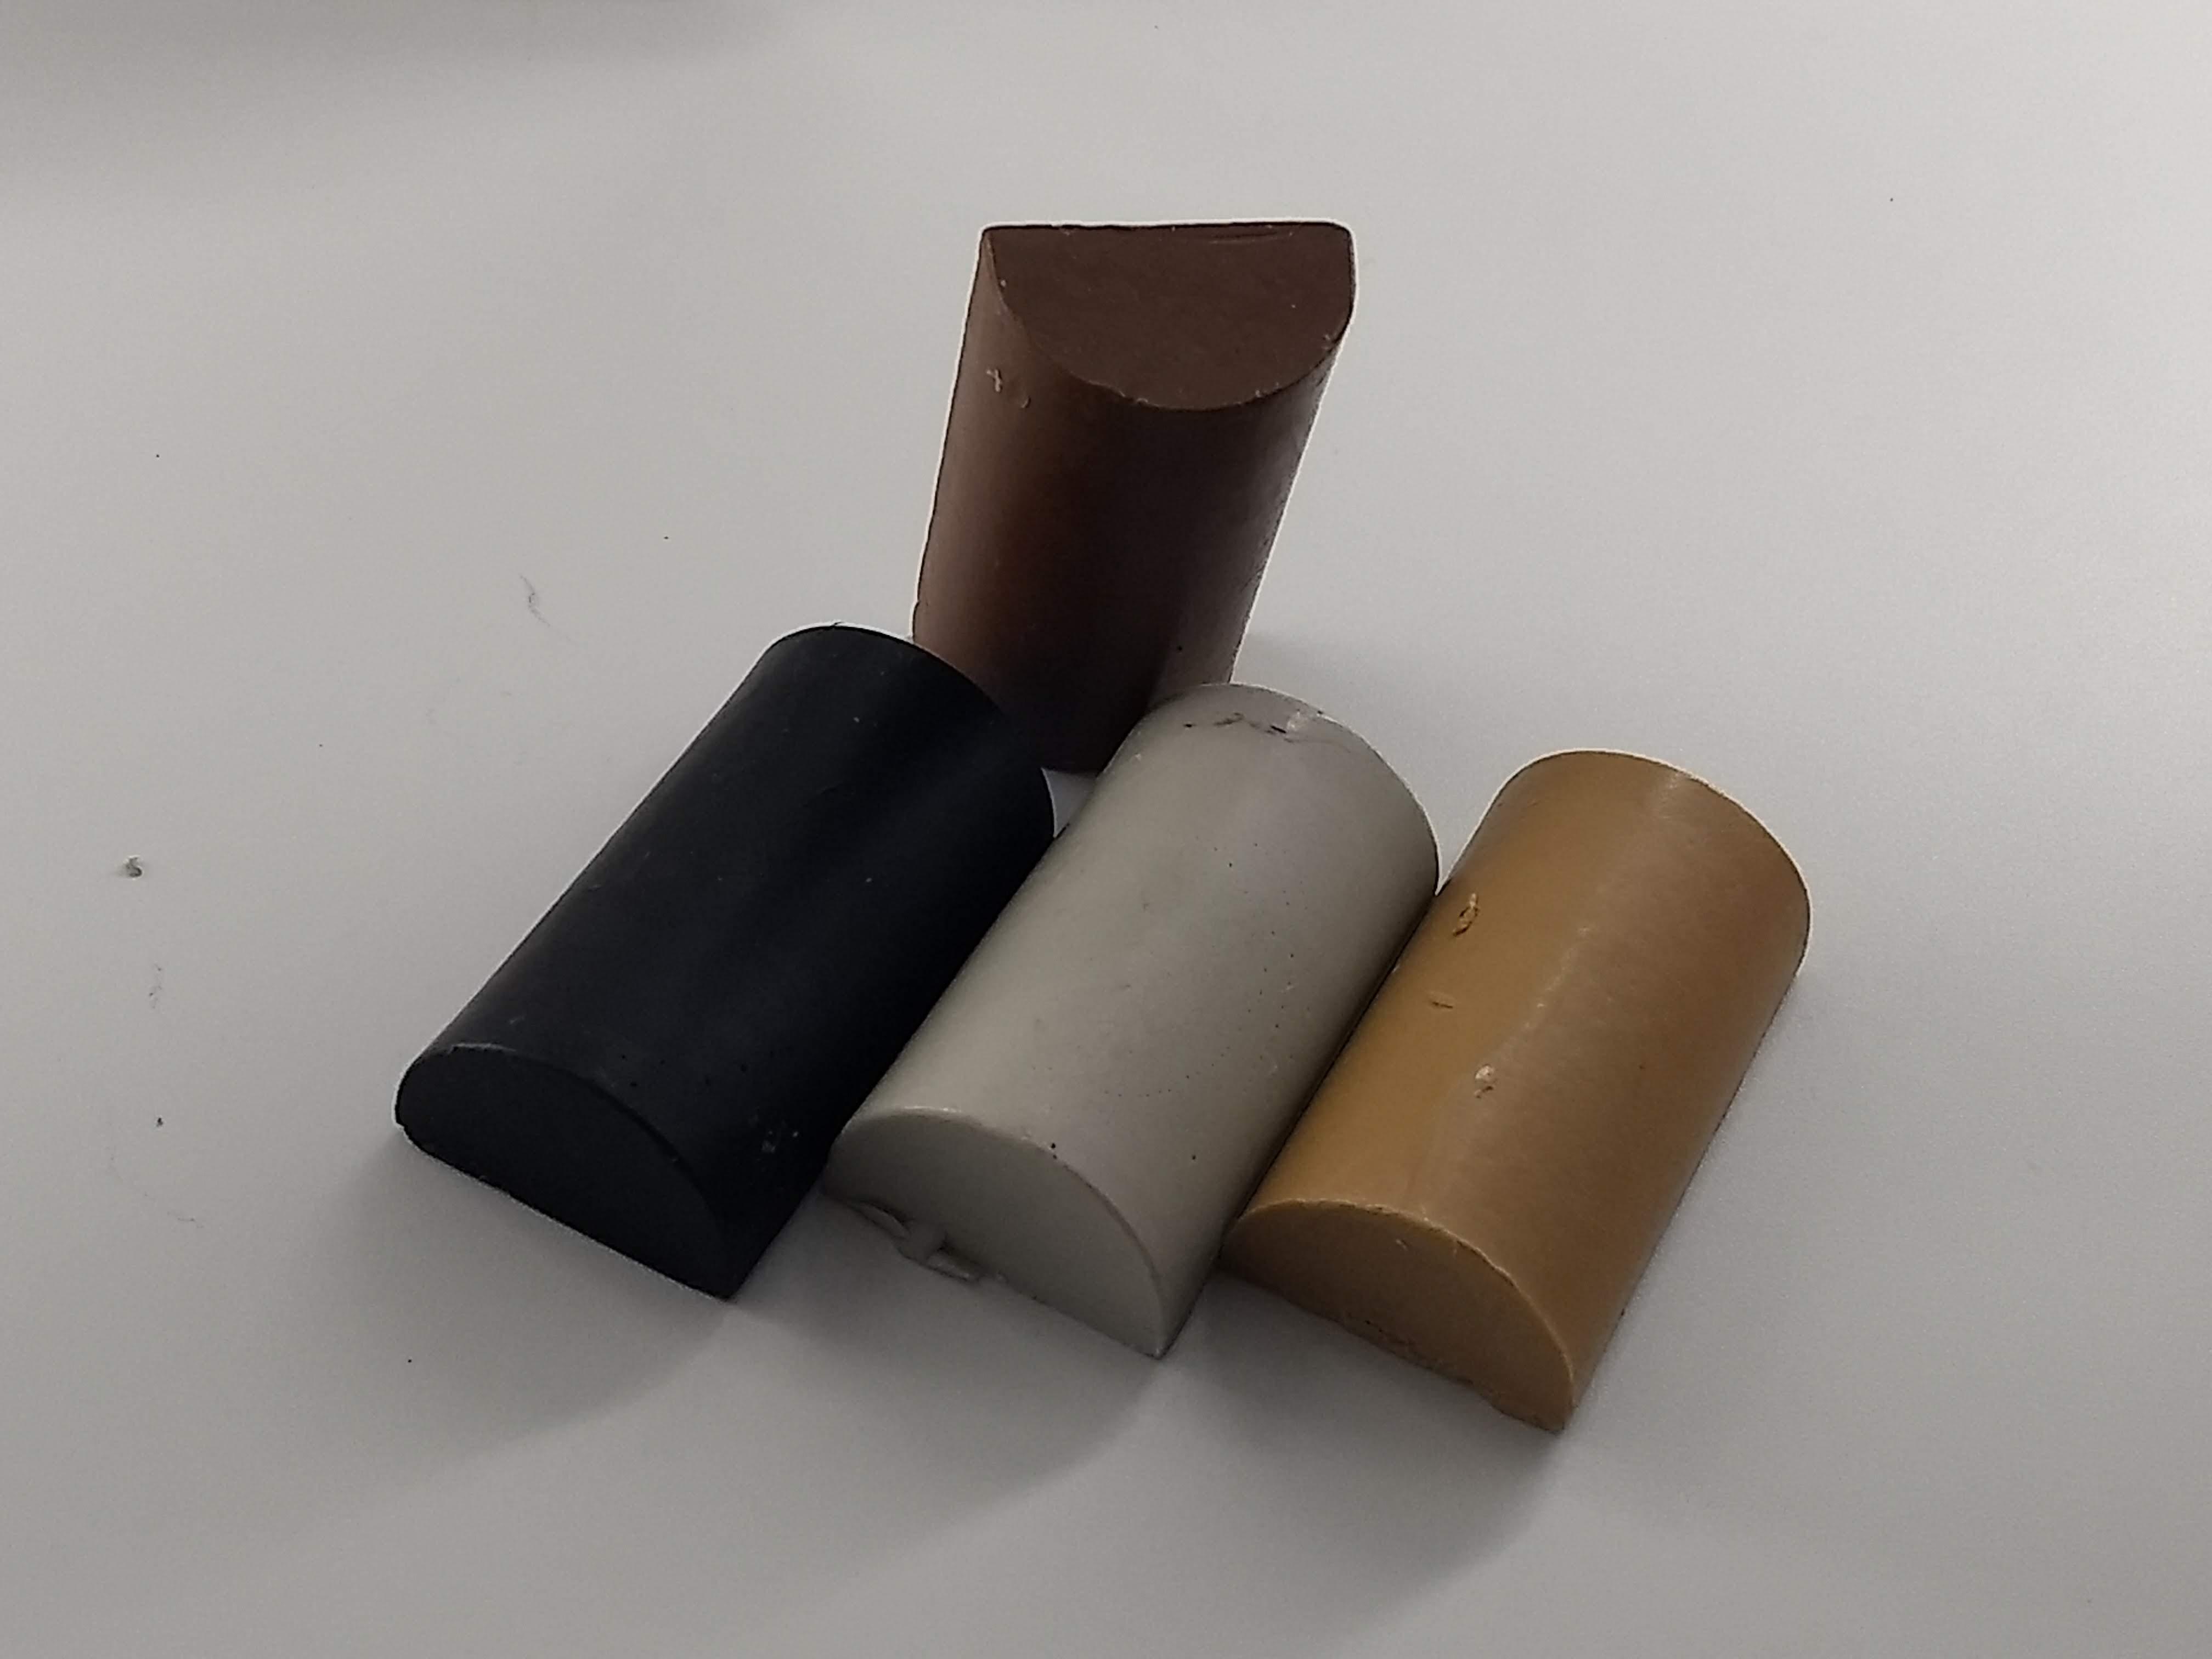 1 Stck. Weichwachsstange Weichwachs Füllstoff für Schäden an Möbeln -